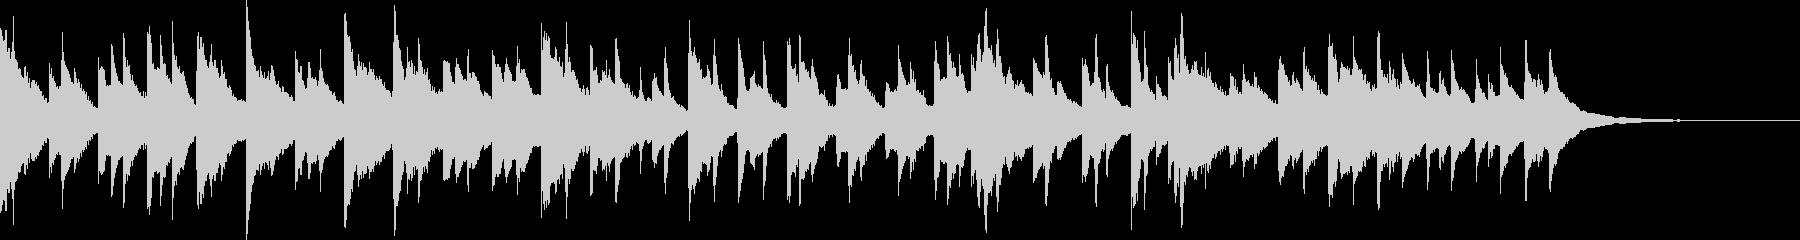 ミステリアスな雰囲気のハープの曲の未再生の波形